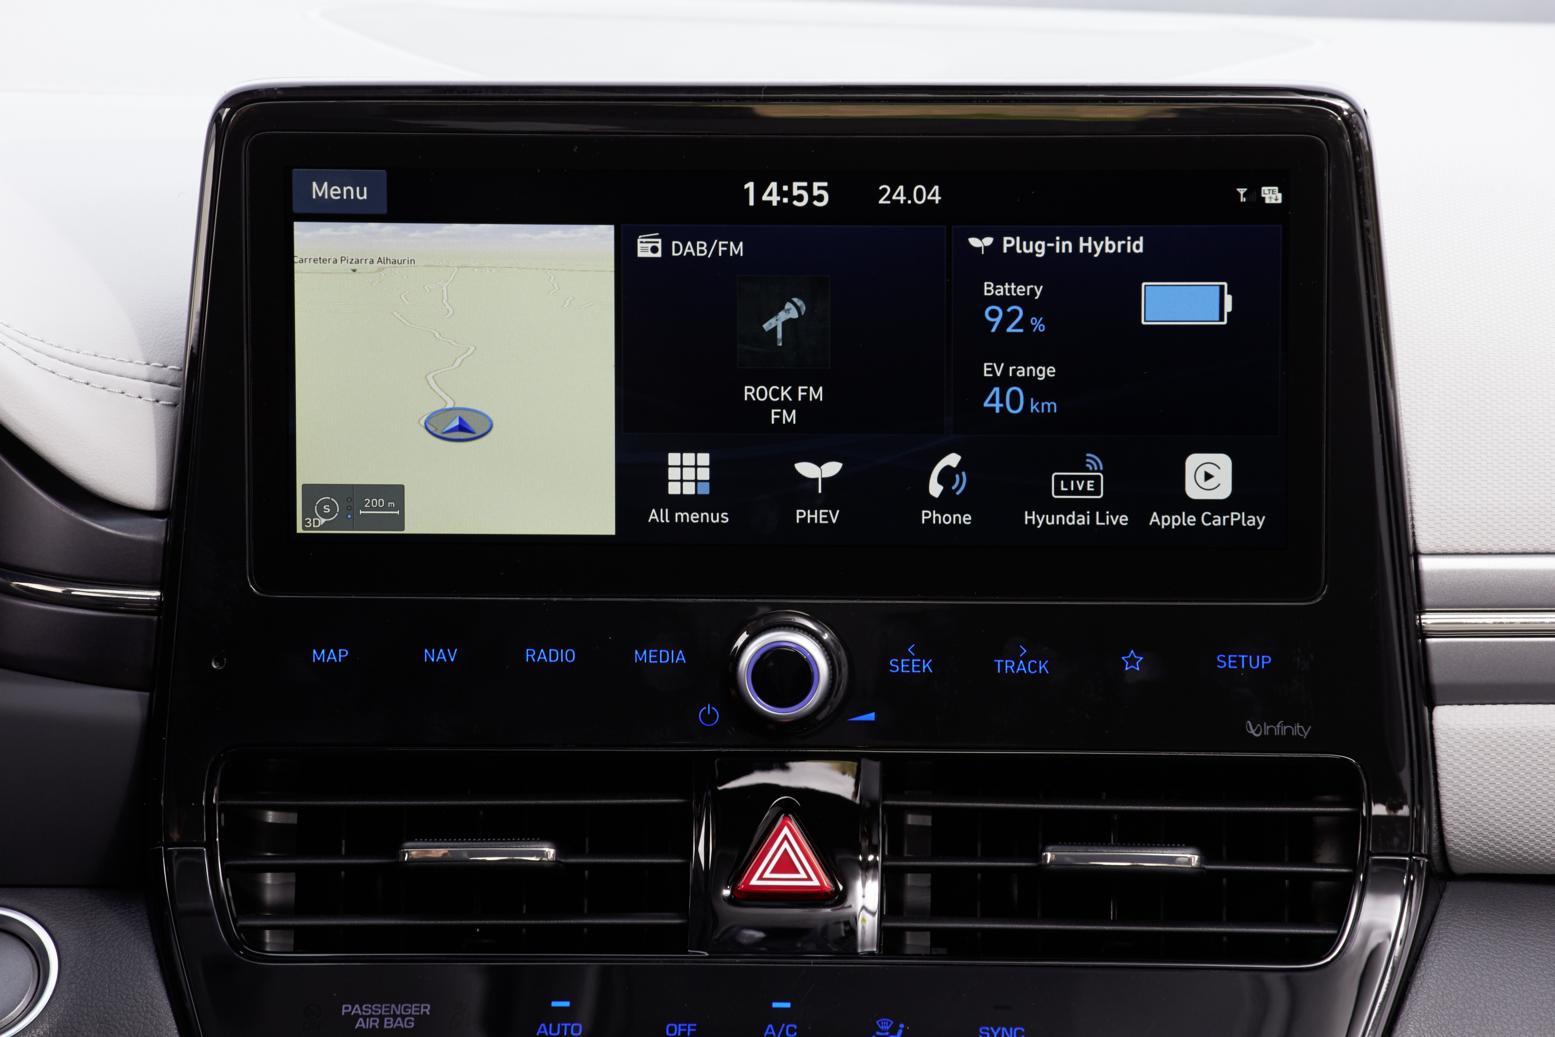 Hyundai talks updates for the new IONIQ - SlashGear